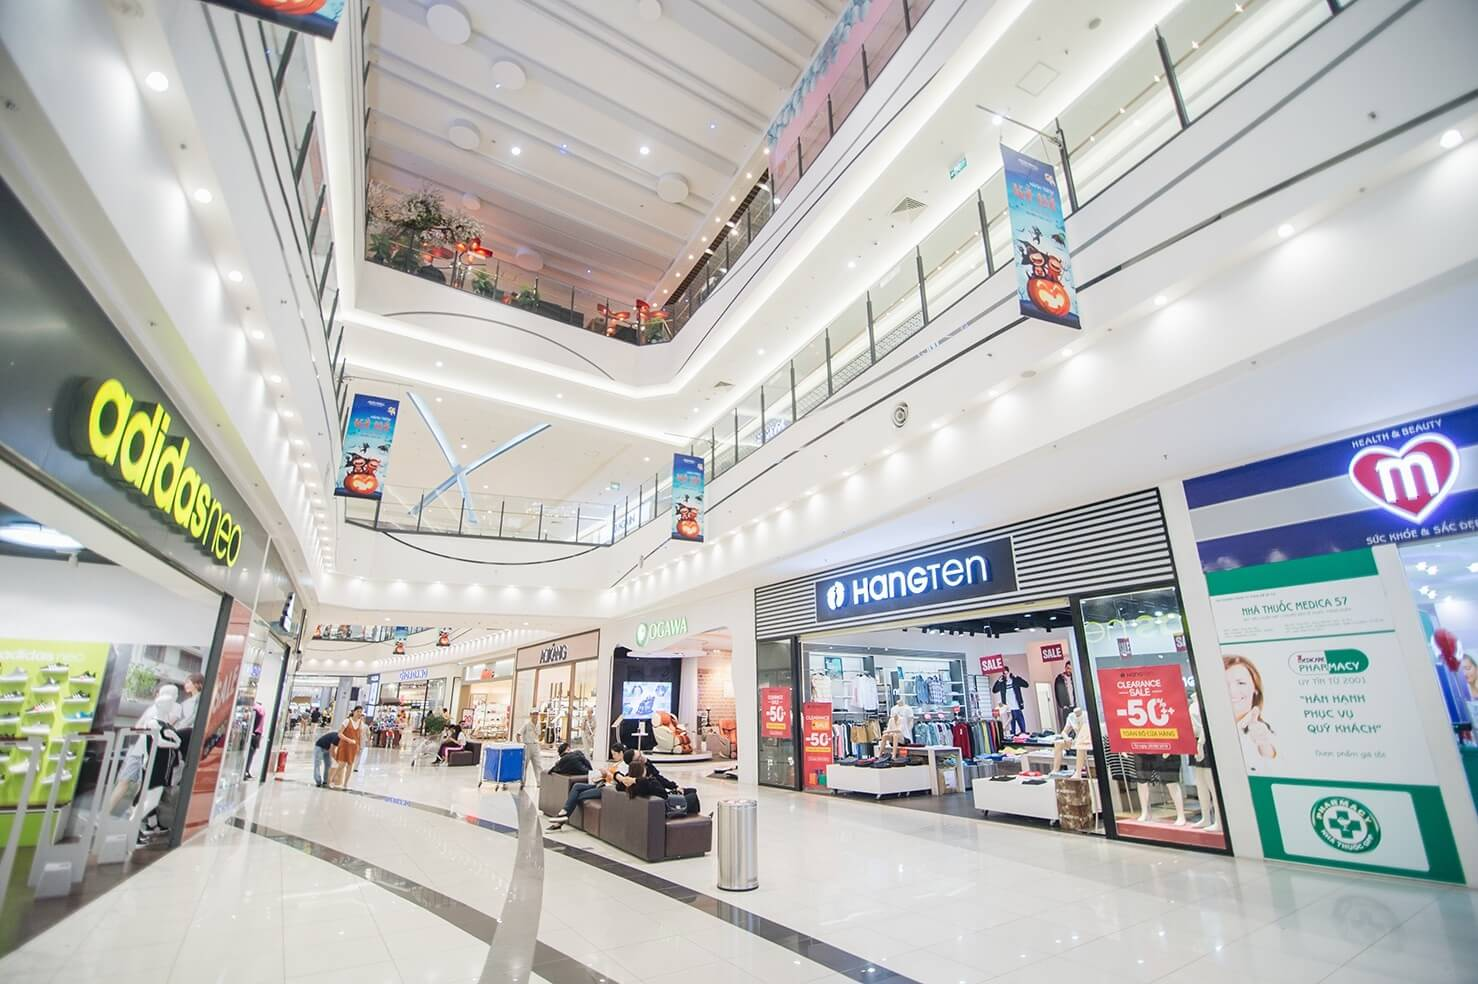 Địa điểm thân thuộc của tín đồ mua sắm.